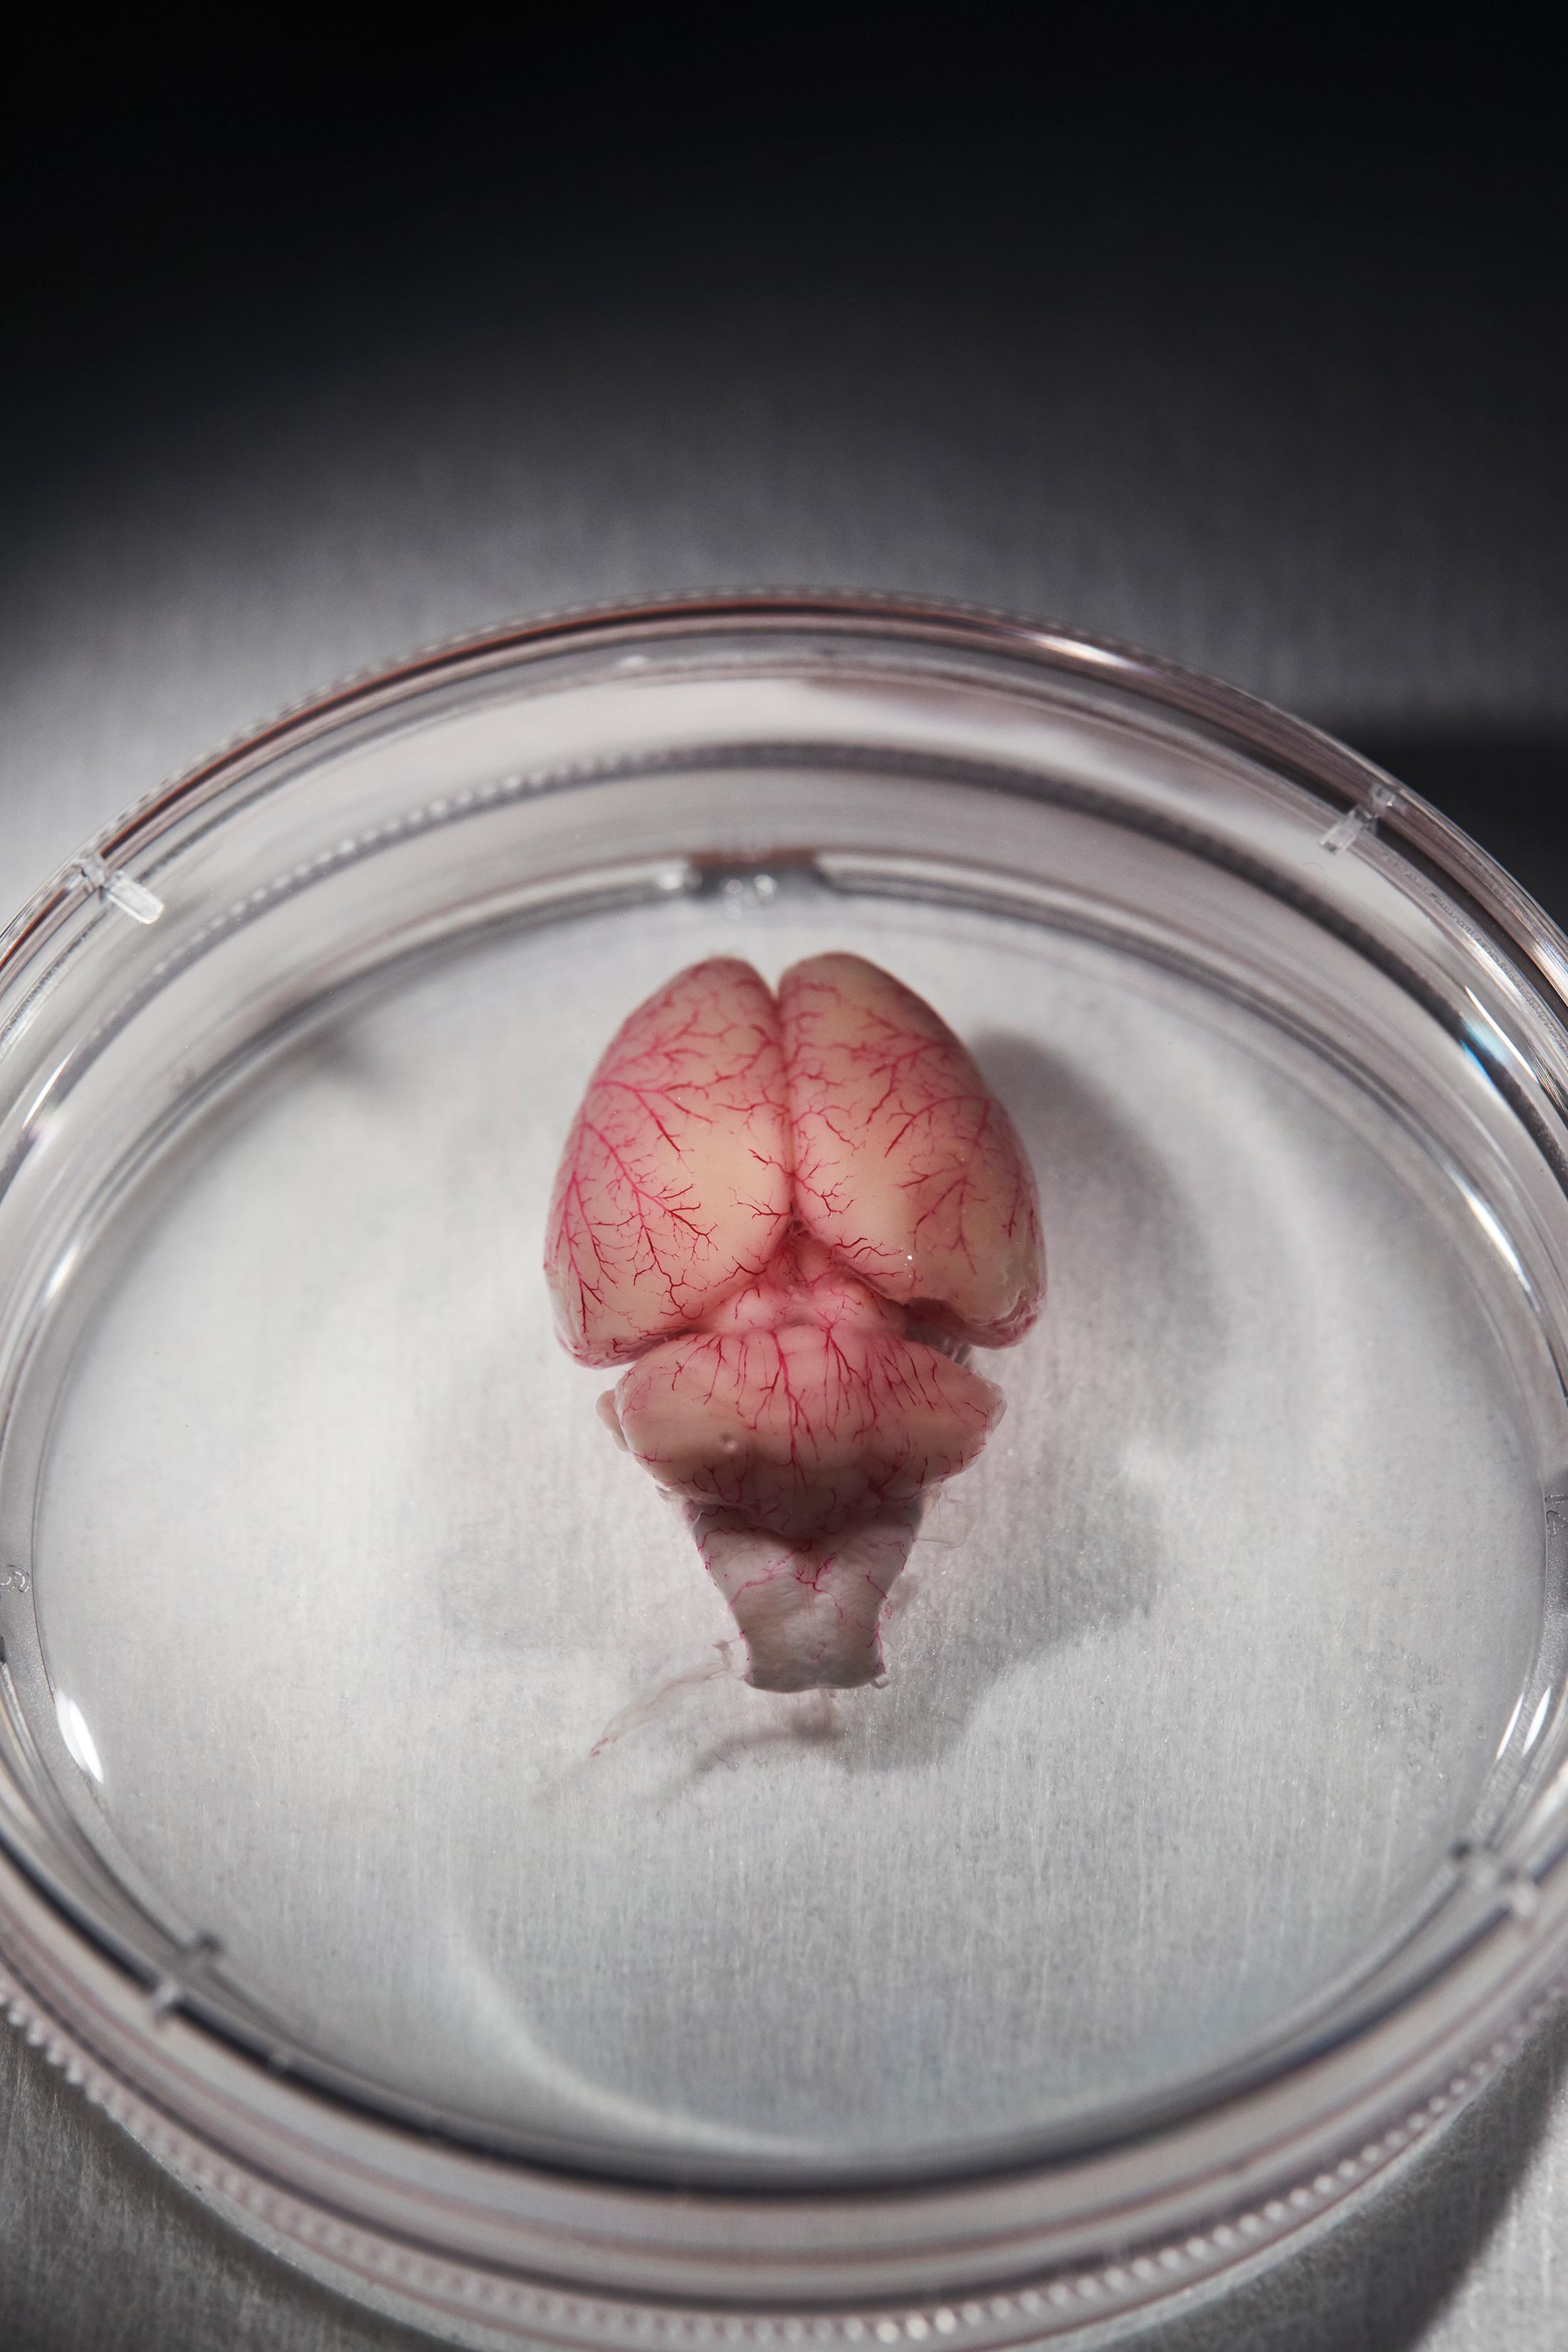 Un cerebro de rata en un plato y una representación de dos neuronas con dendritas espinosas.